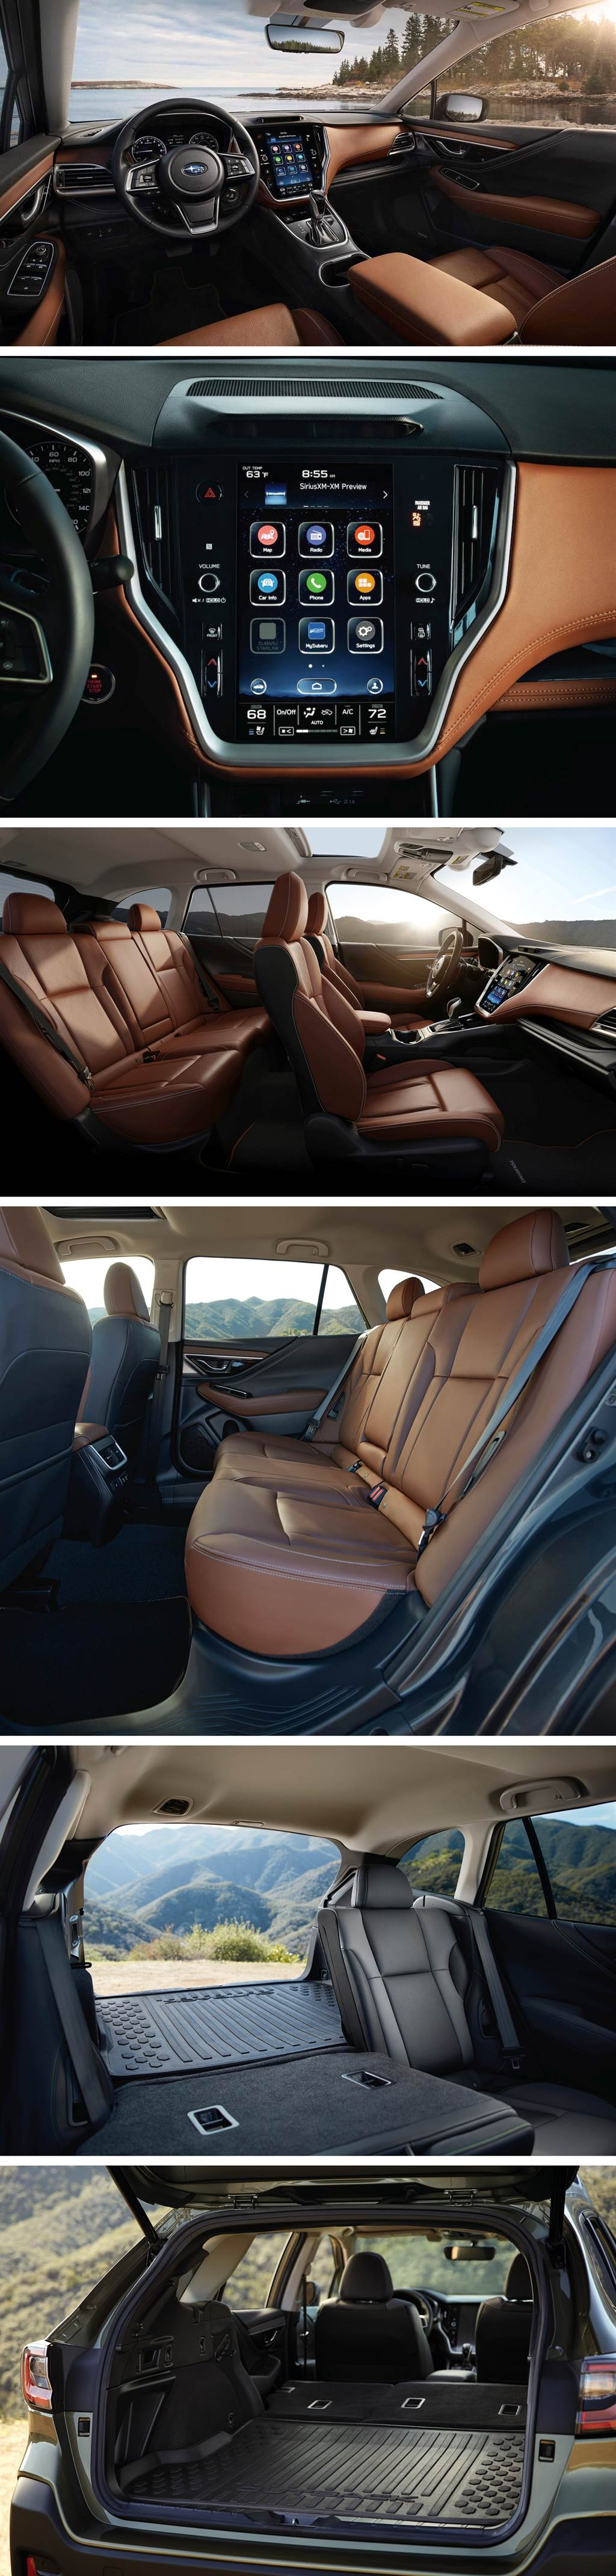 睽違已久的全新車型!Subaru Outback 第六代即將於 4/16 在台發表